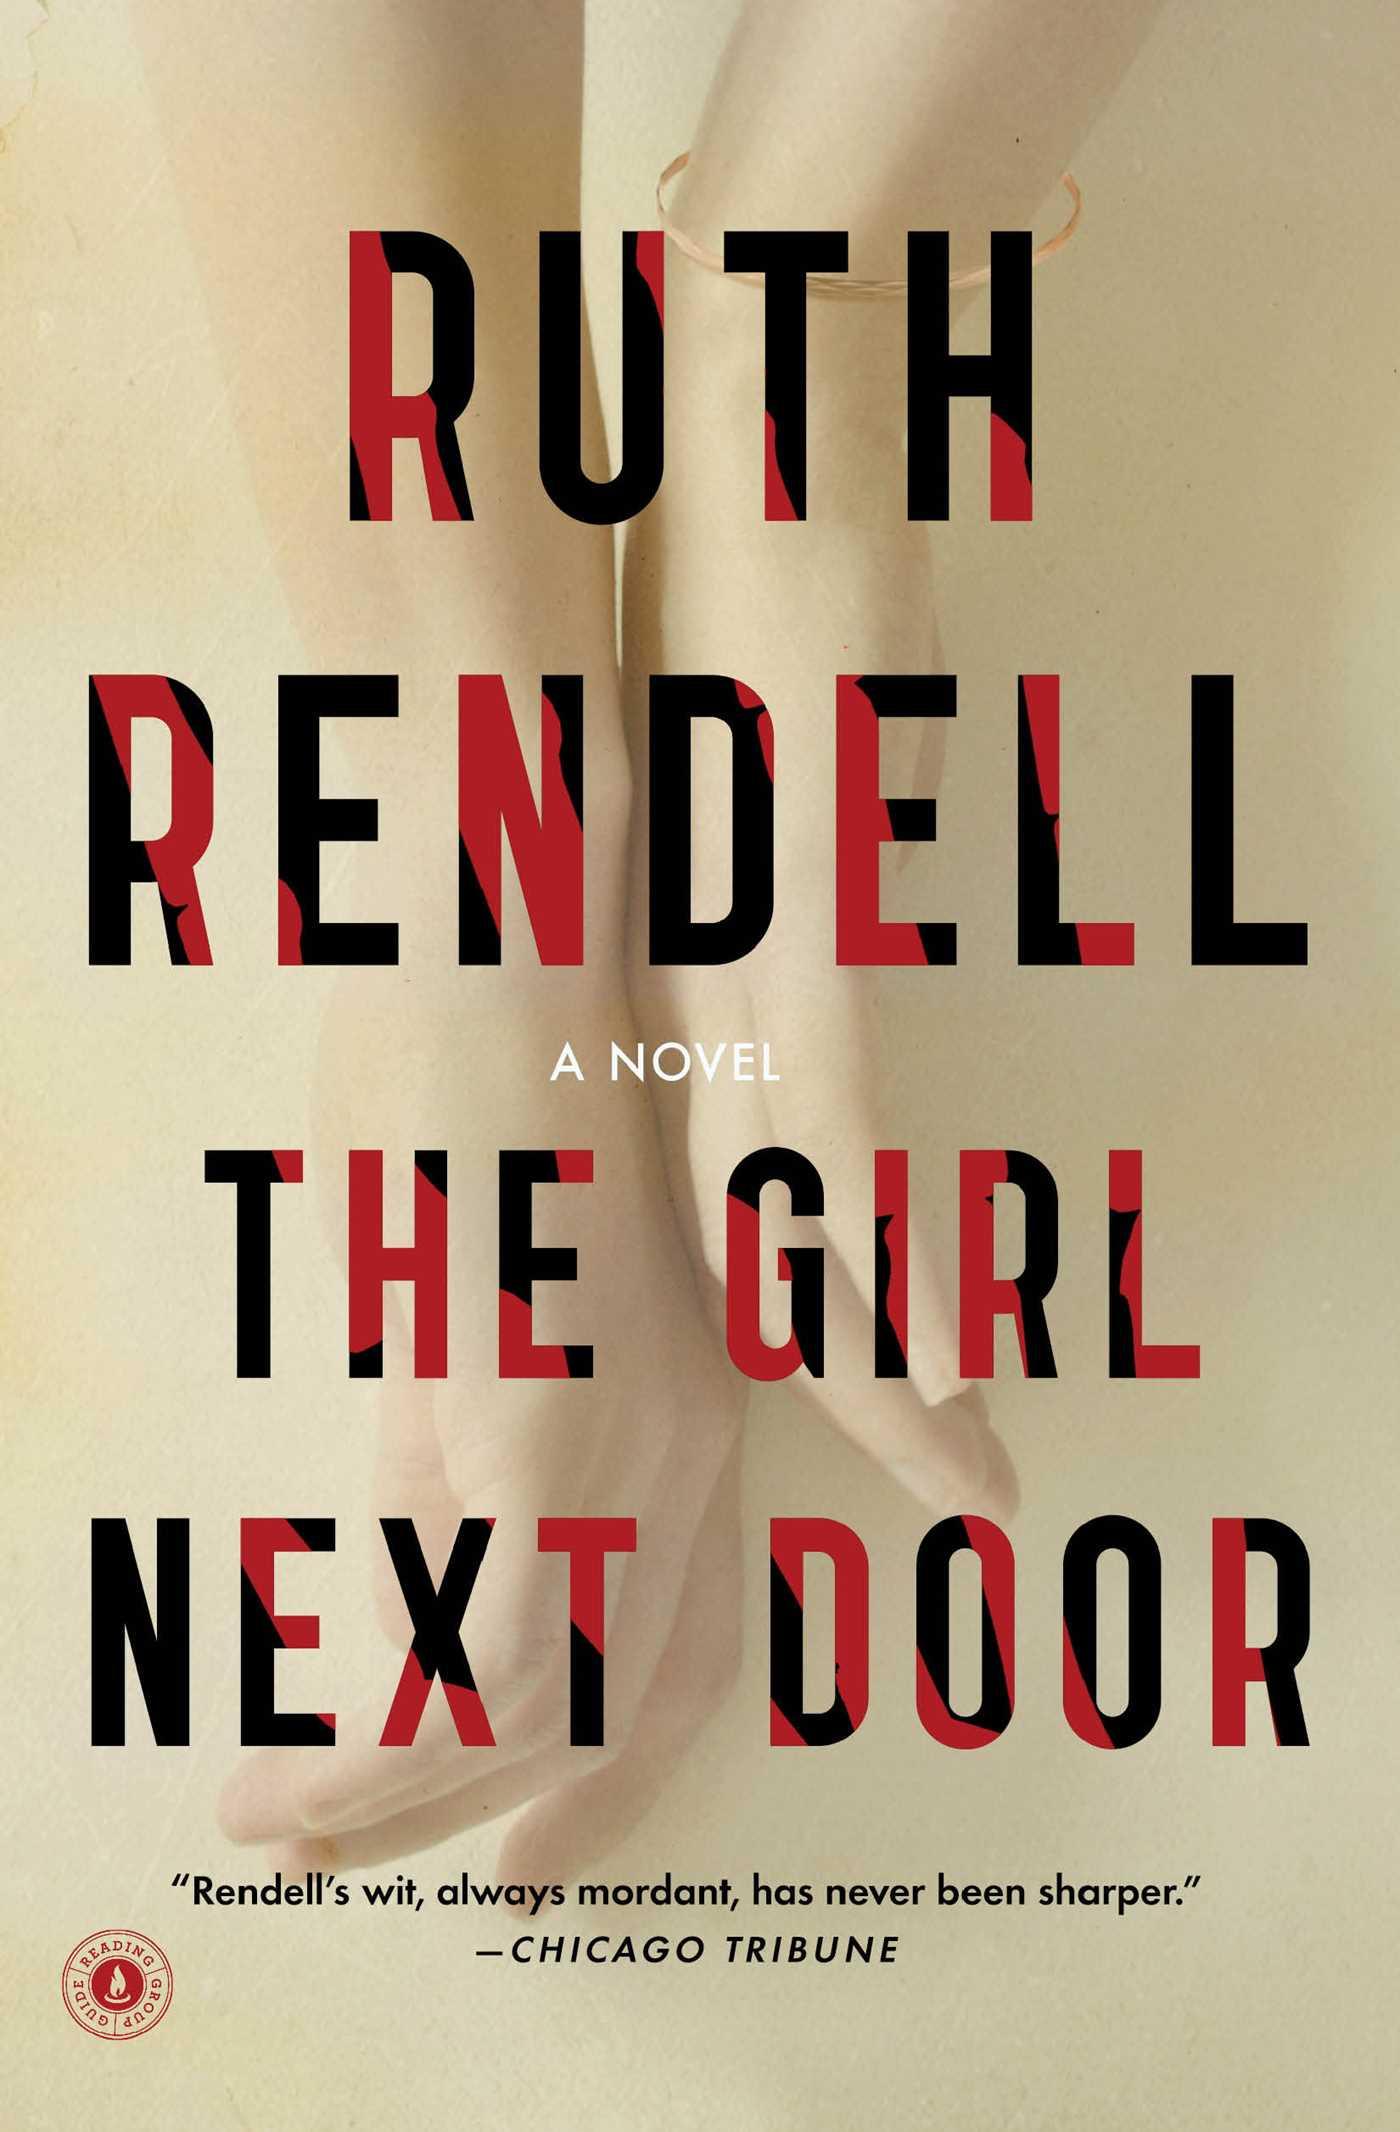 The girl next door 9781476784342 hr